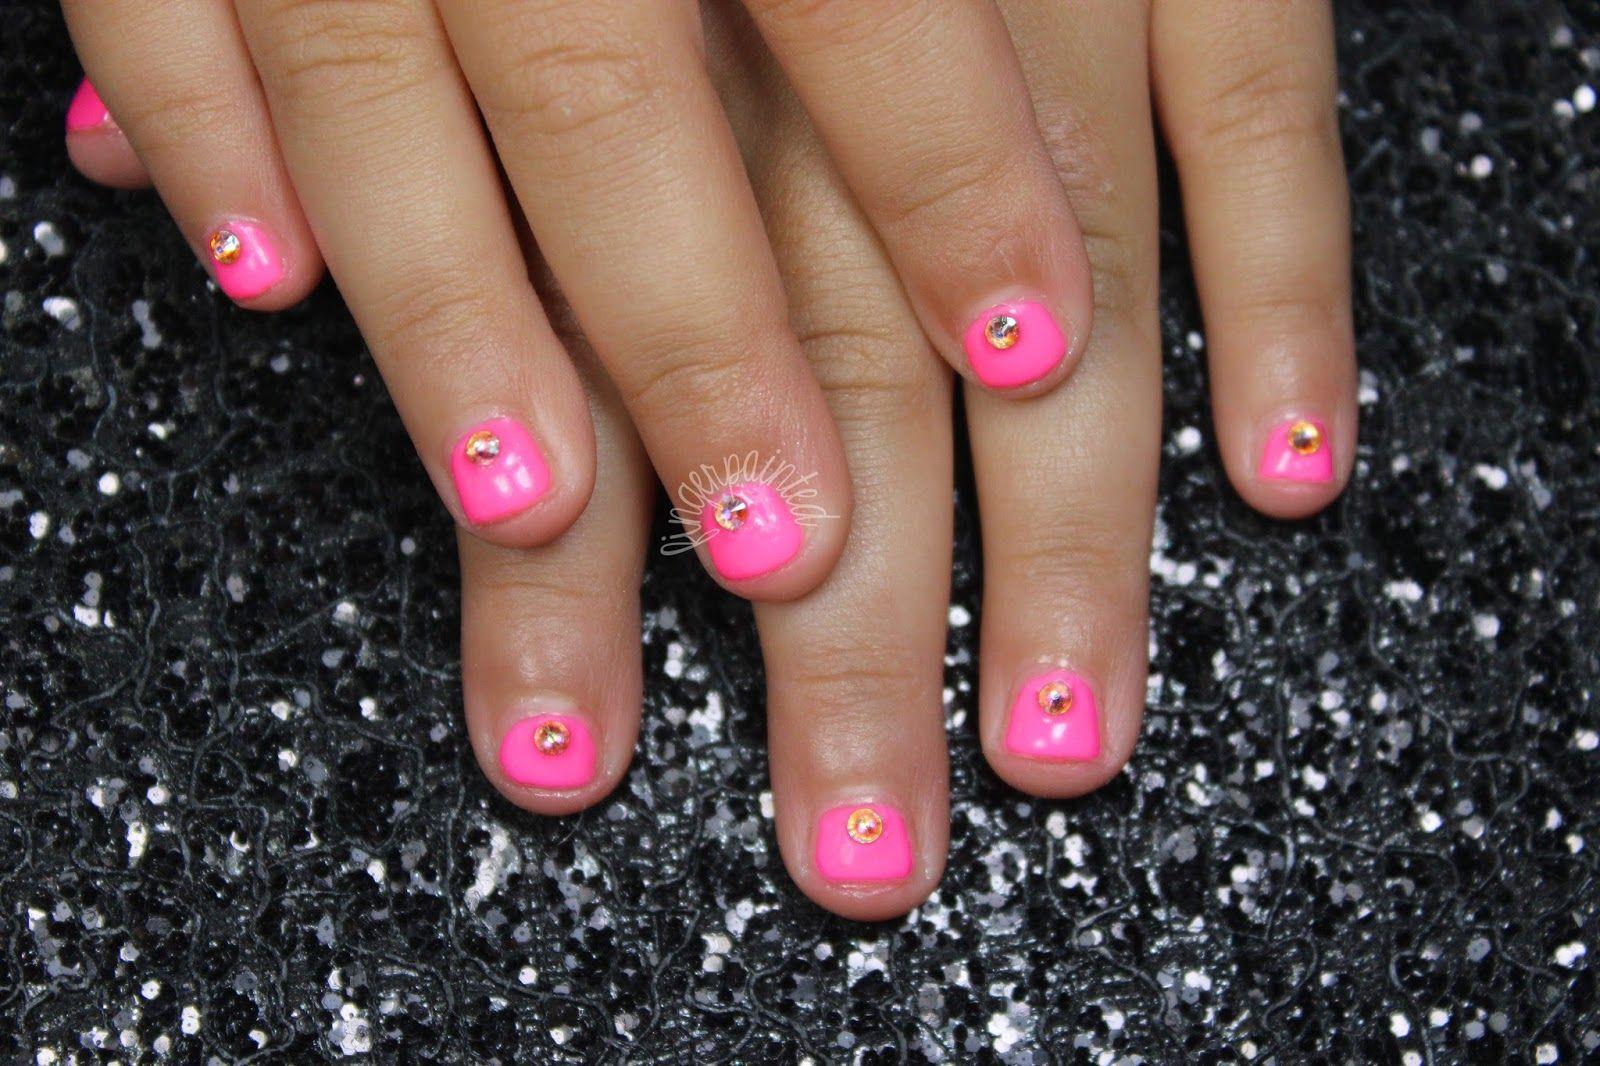 Embellished hot pink nails #nails #nailart #nailpolish #girls #kids ...